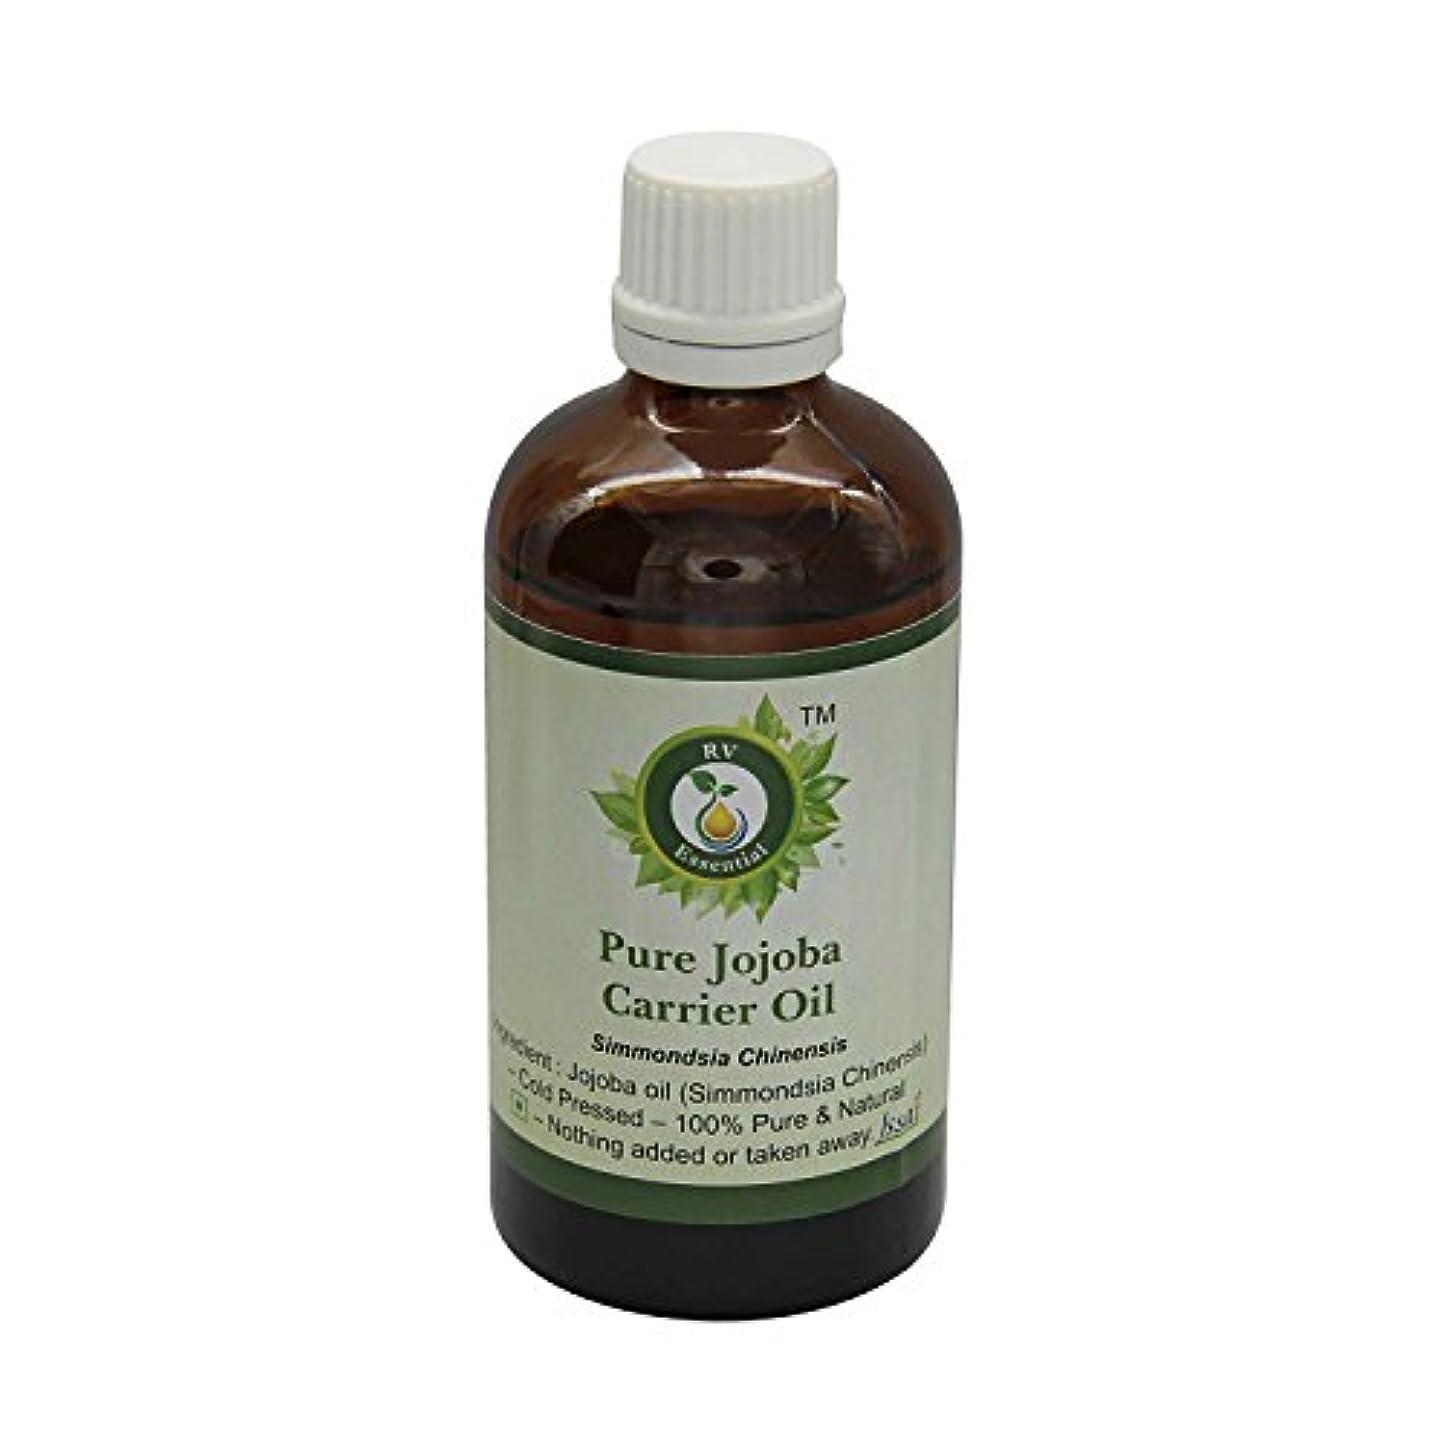 の間でジム愛されし者R V Essential ピュアホホバキャリアオイル630ml (21oz)- Simmondsia Chinensis (100%ピュア&ナチュラルコールドPressed) Pure Jojoba Carrier Oil